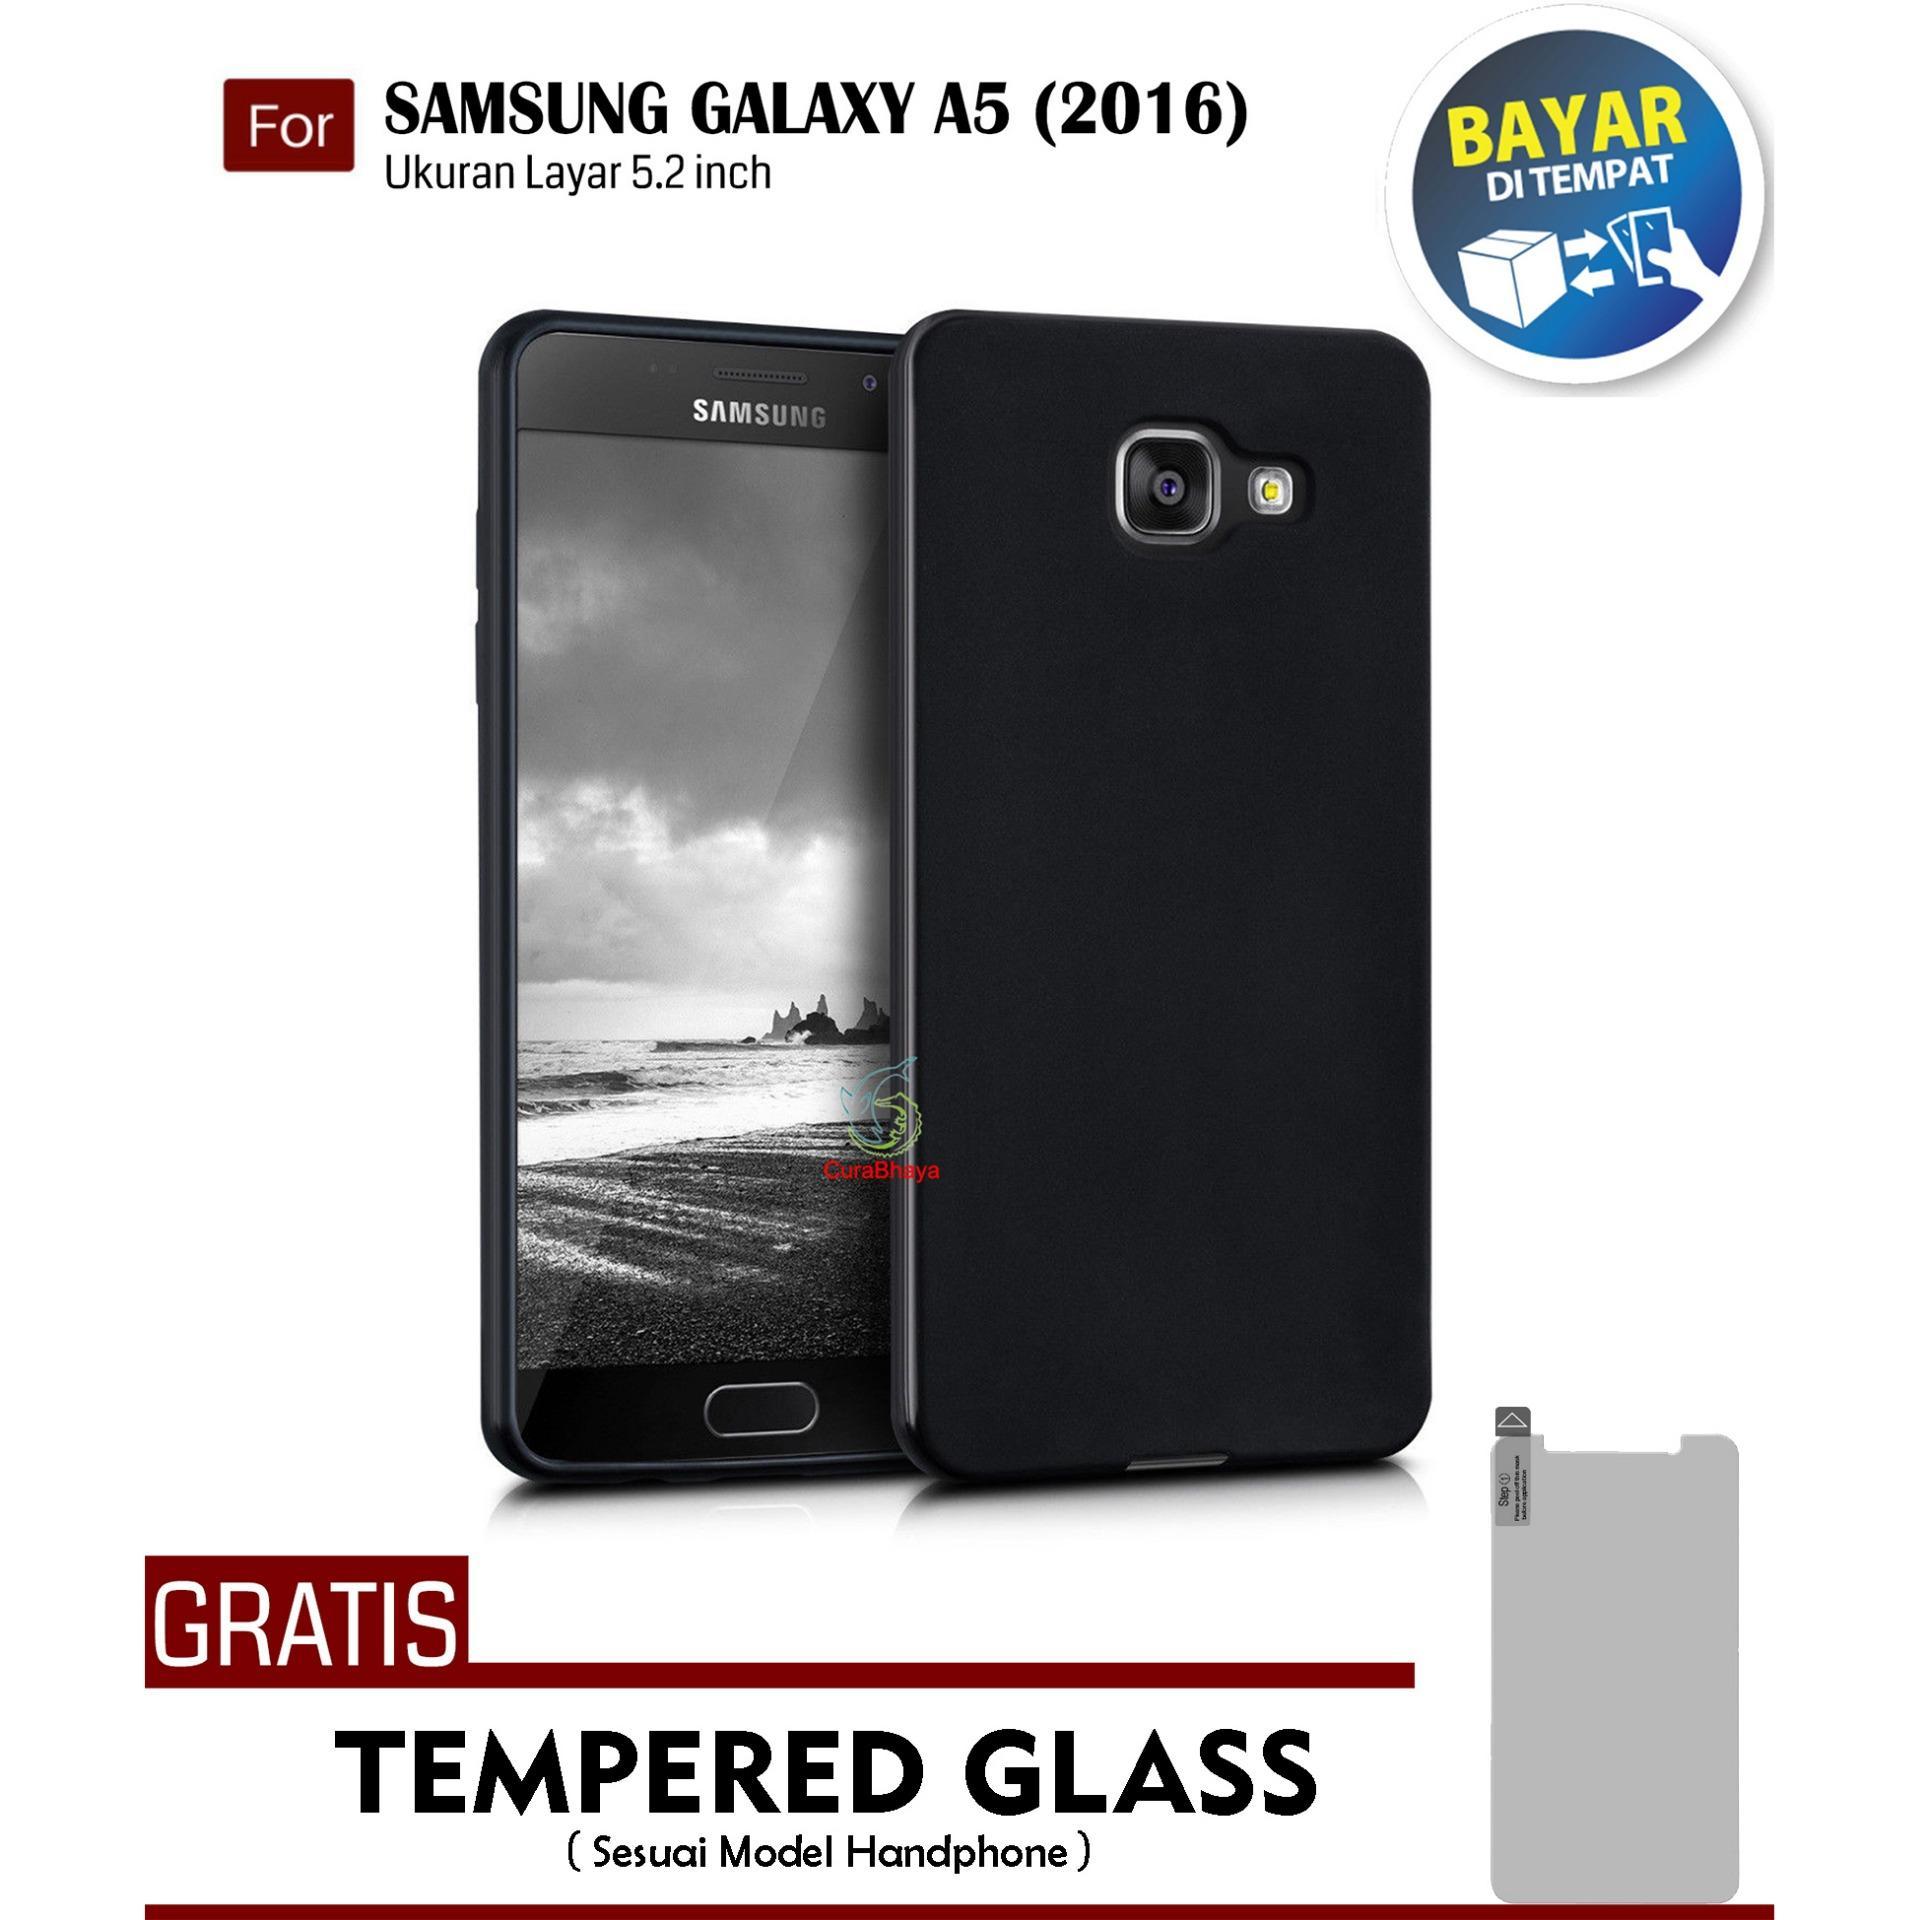 MidNight Samsung Galaxy A5 (2016) / A510 / Duos | Slim Case Black Matte